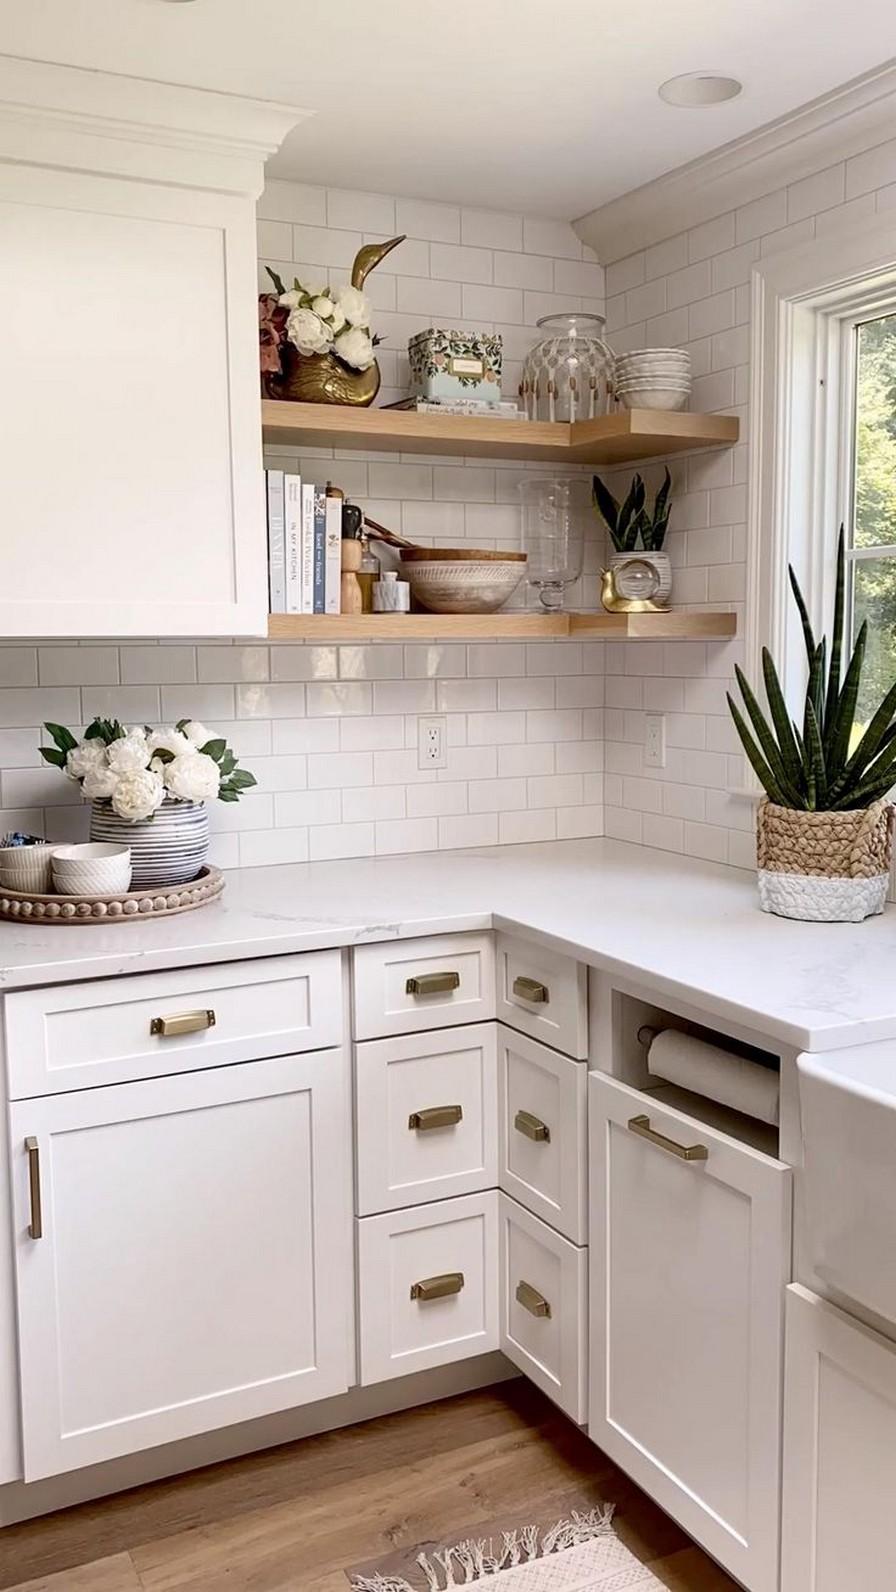 12 Creative Kitchen Cabinet Color Ideas Home Decor 14